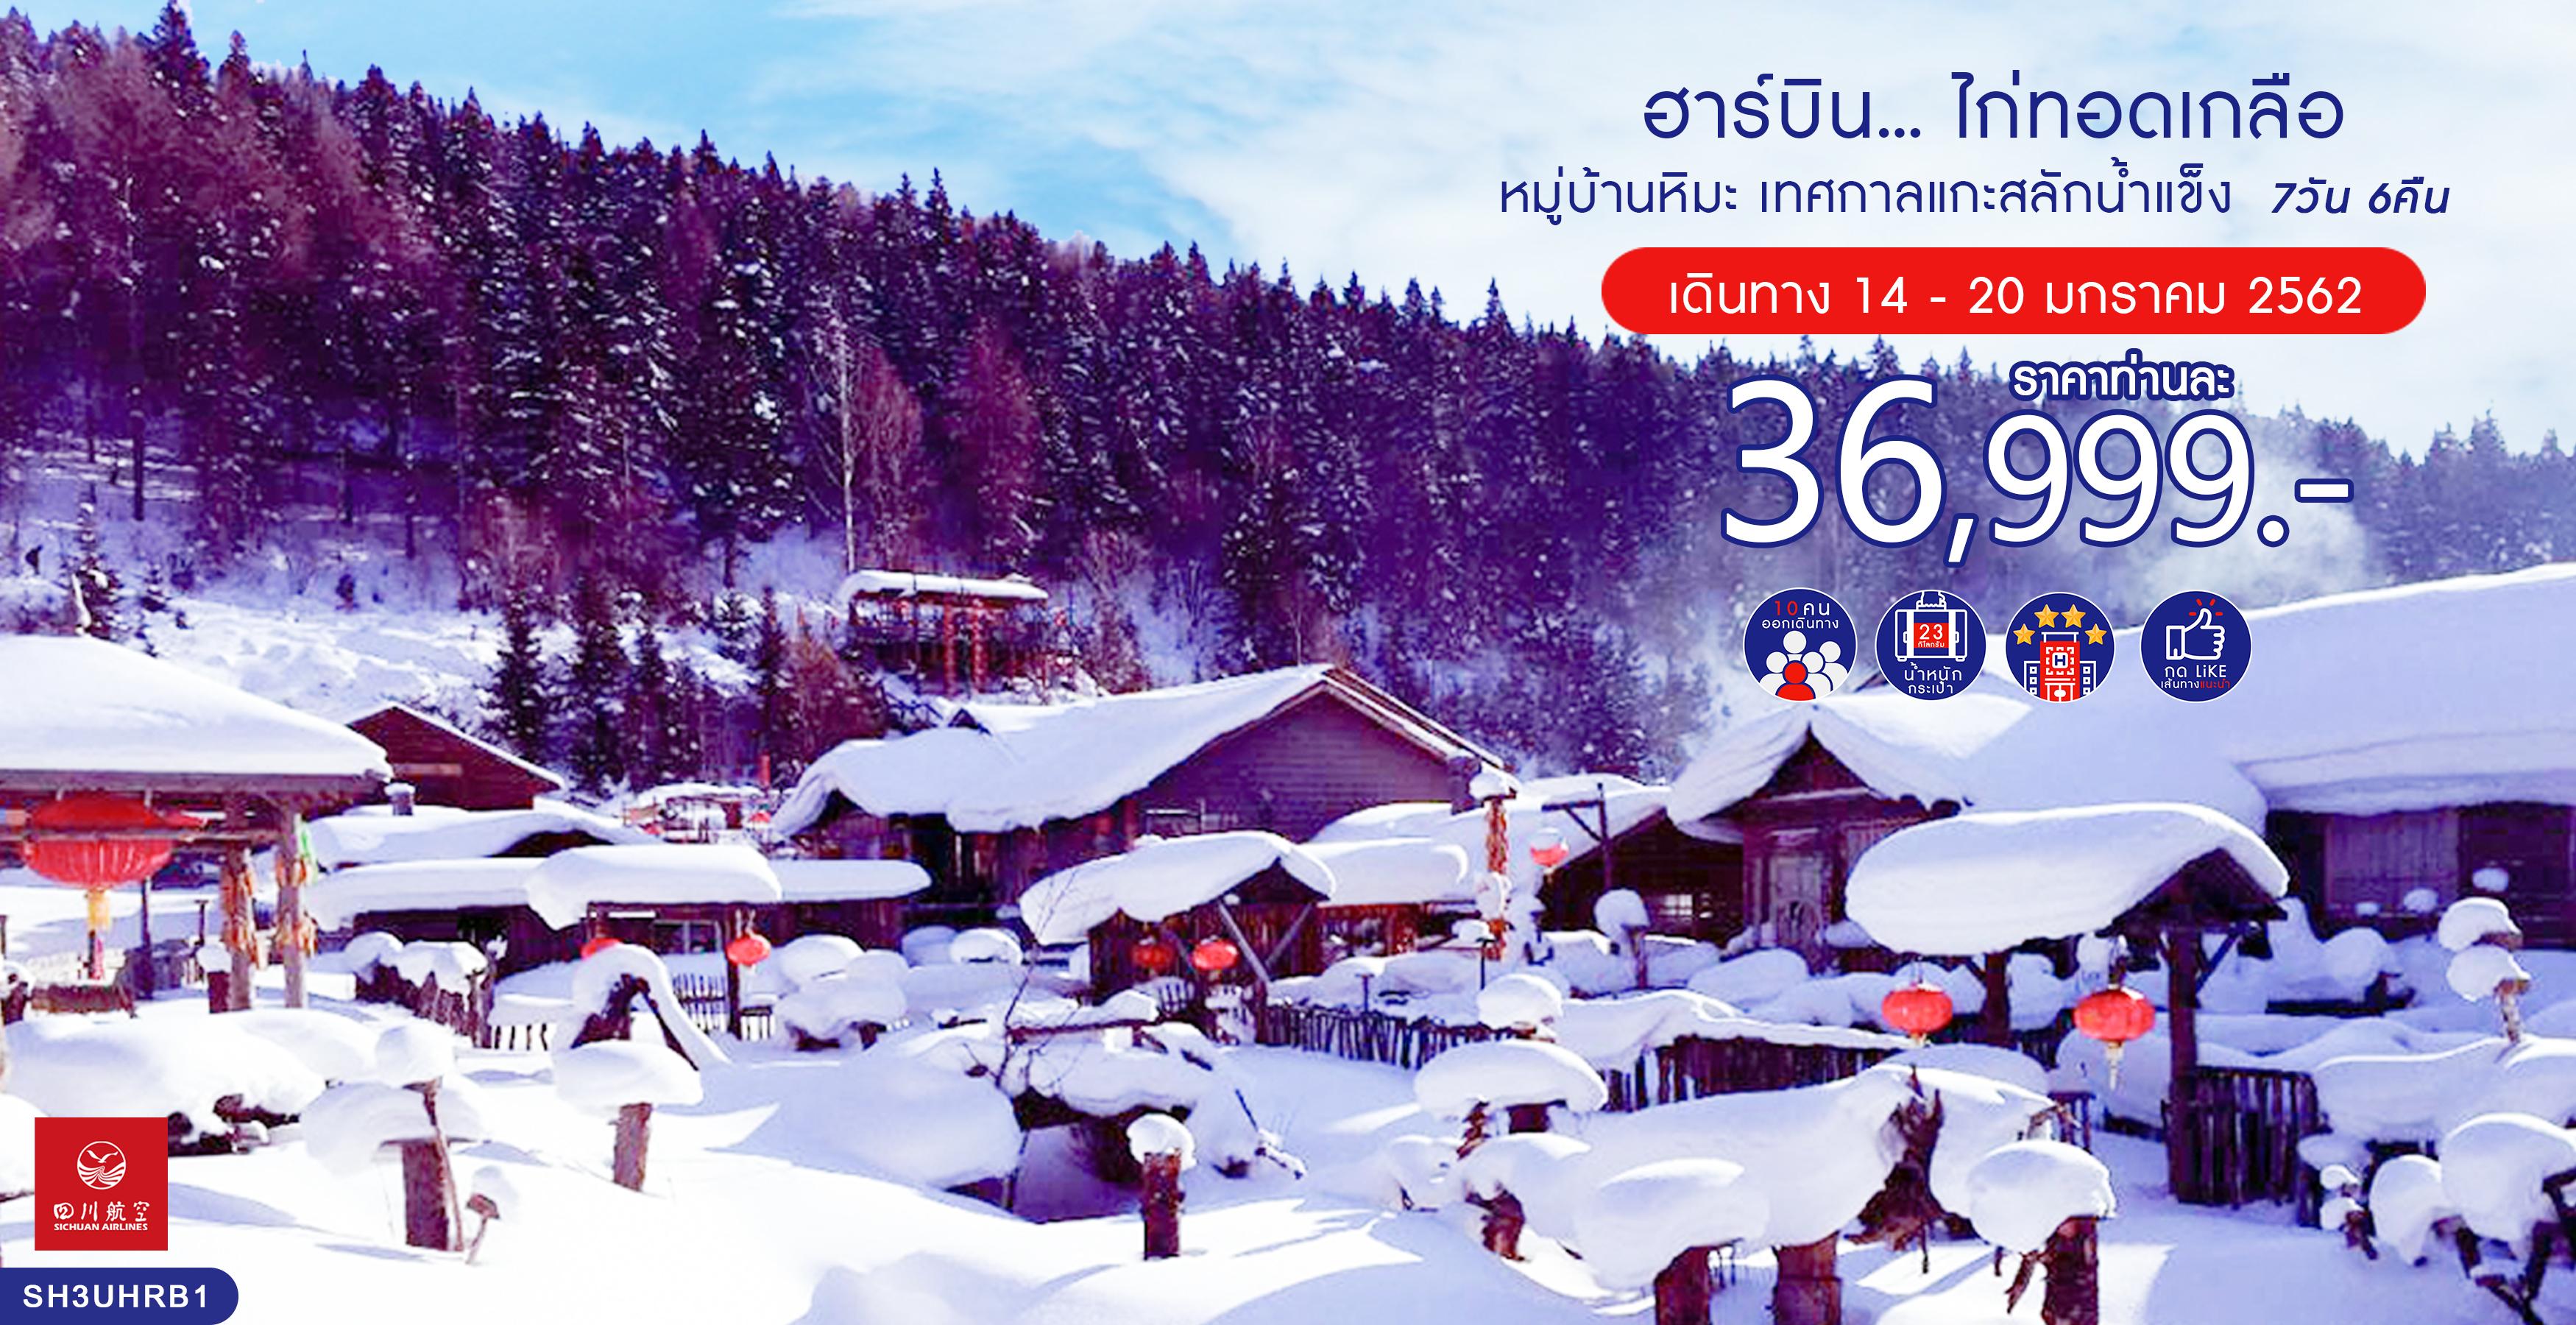 ทัวร์จีน ทัวร์ฮาร์บิน...ไก่ทอดเกลือ หมู่บ้านหิมะ เทศกาลแกะสลักน้ำแข็ง 7 วัน 6 คืน (3U)